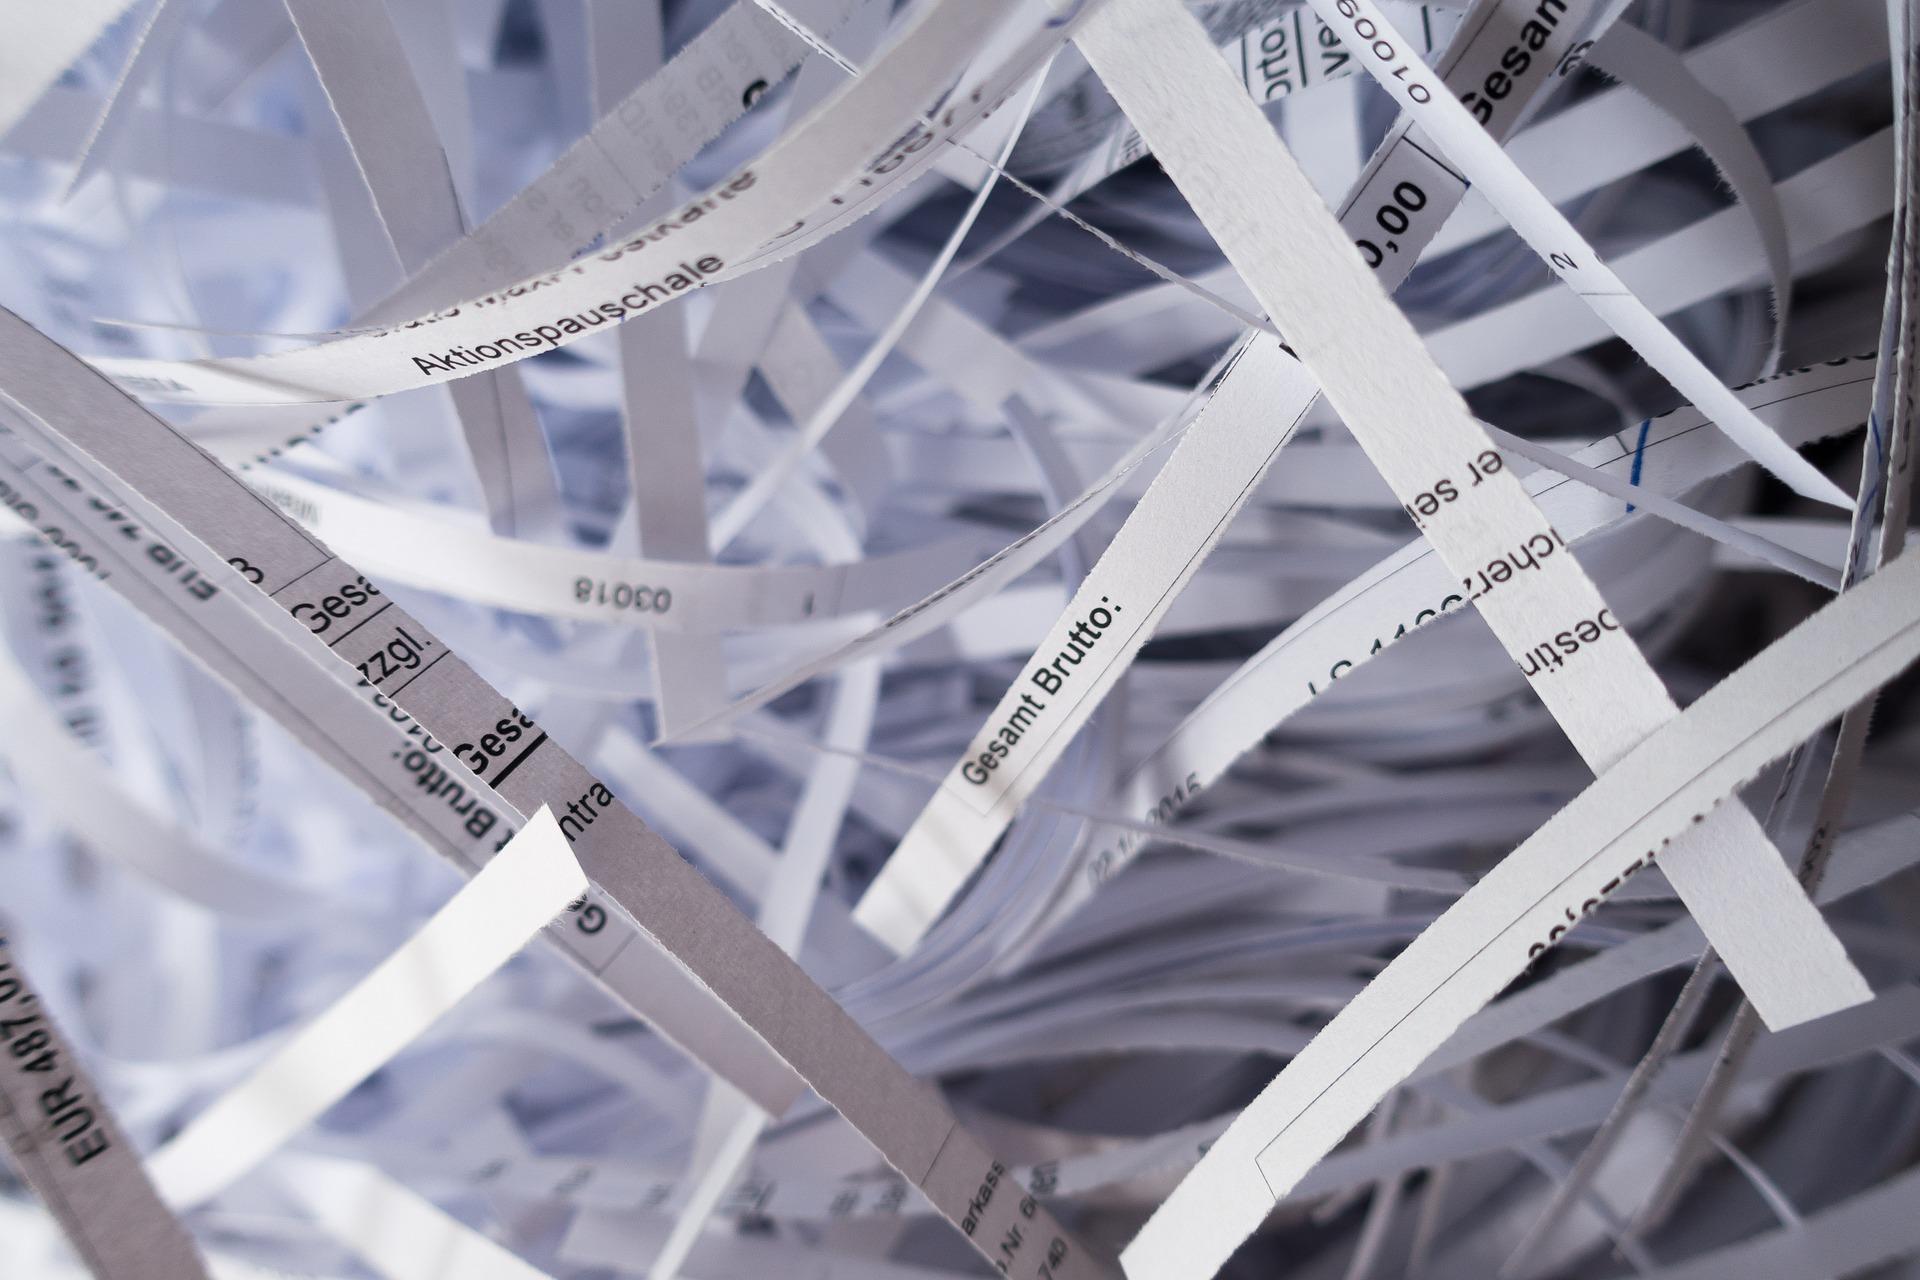 shredder-1014204_1920